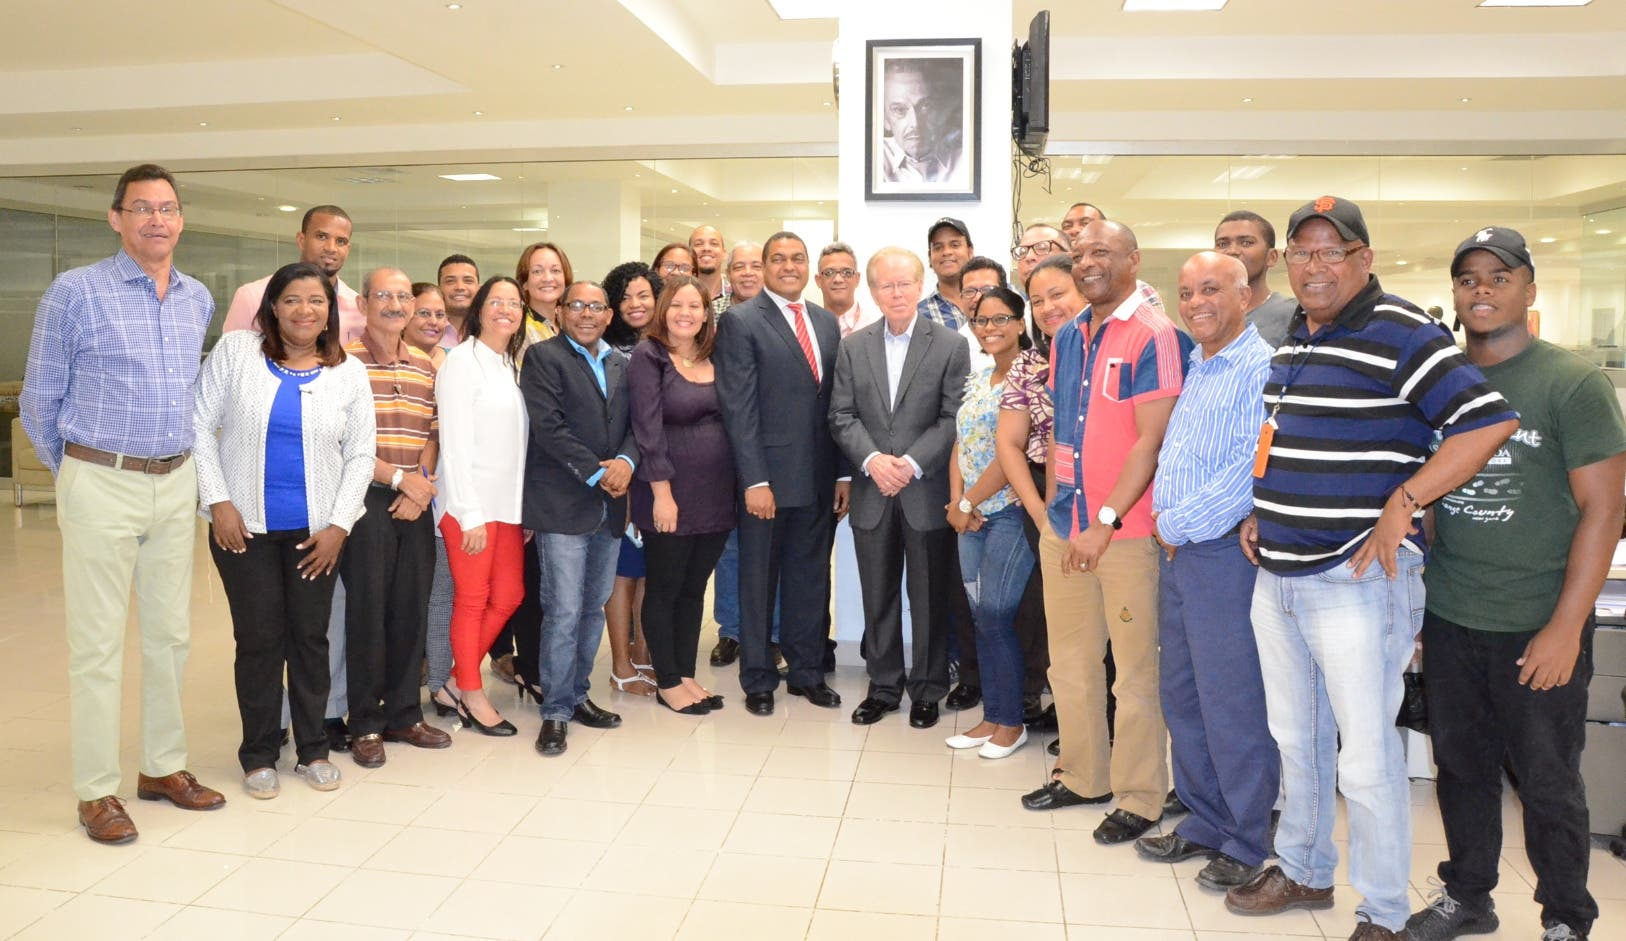 Parte del personal de la redacción de EL DÍA junto a José Luis Corripio y José P. Monegro tras el anuncio de la designación.